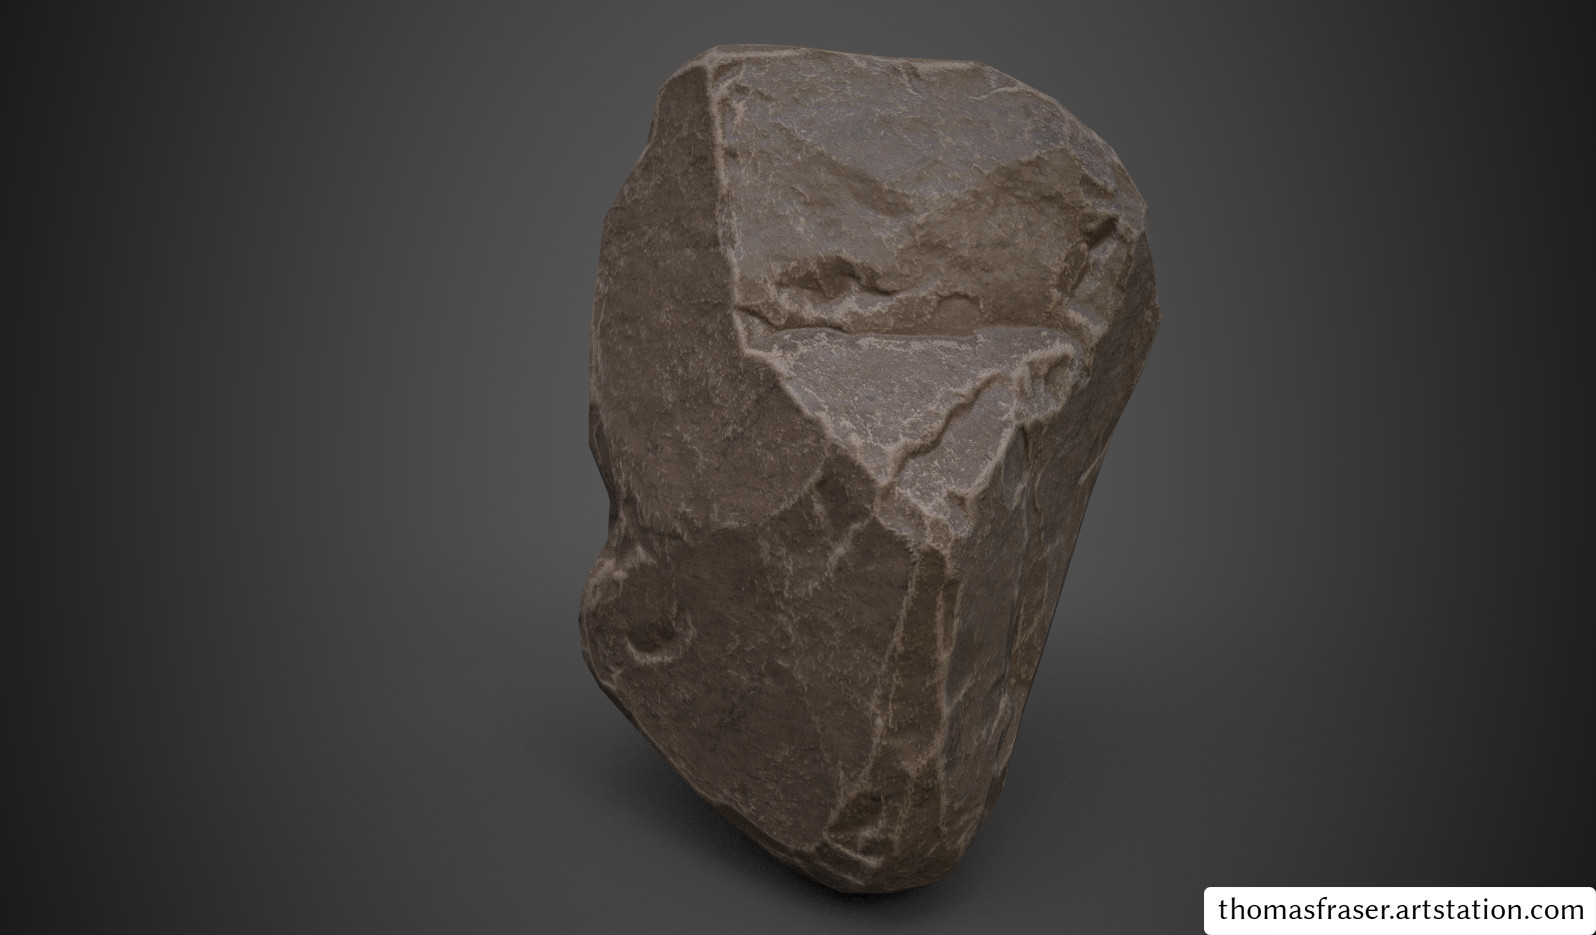 Thomas fraser thomas fraser stone 01